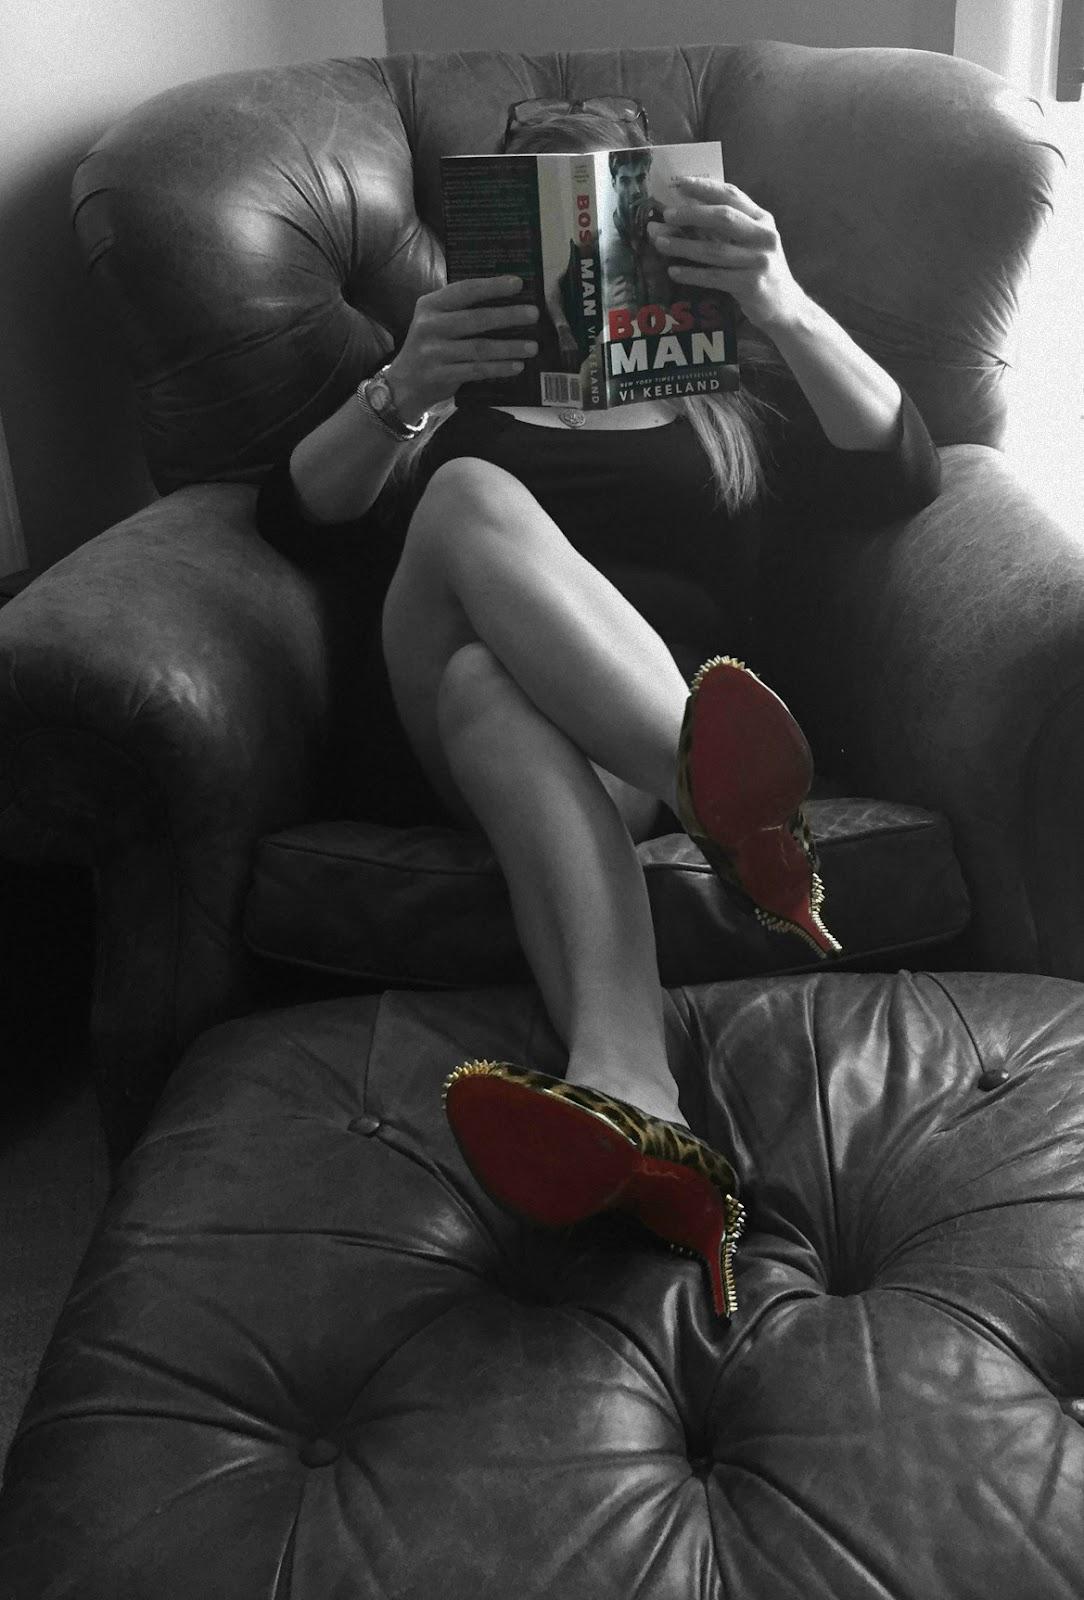 Author photo (1).jpg